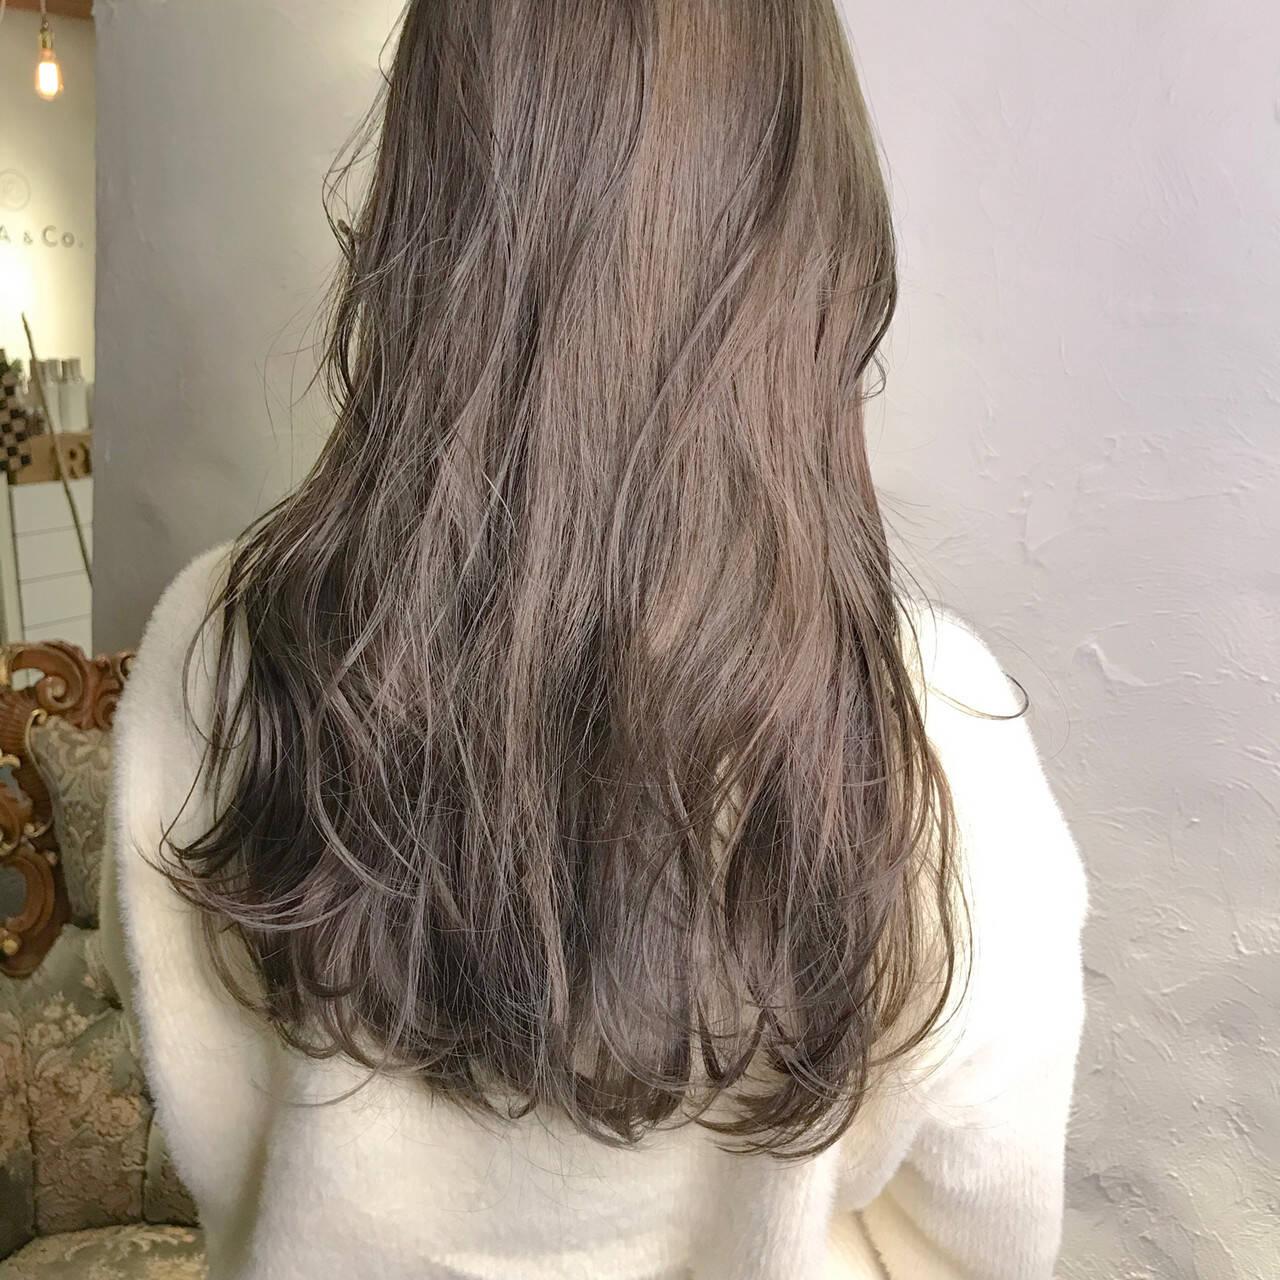 ロング ミルクティー ミルクティーアッシュ ミルクティーベージュヘアスタイルや髪型の写真・画像